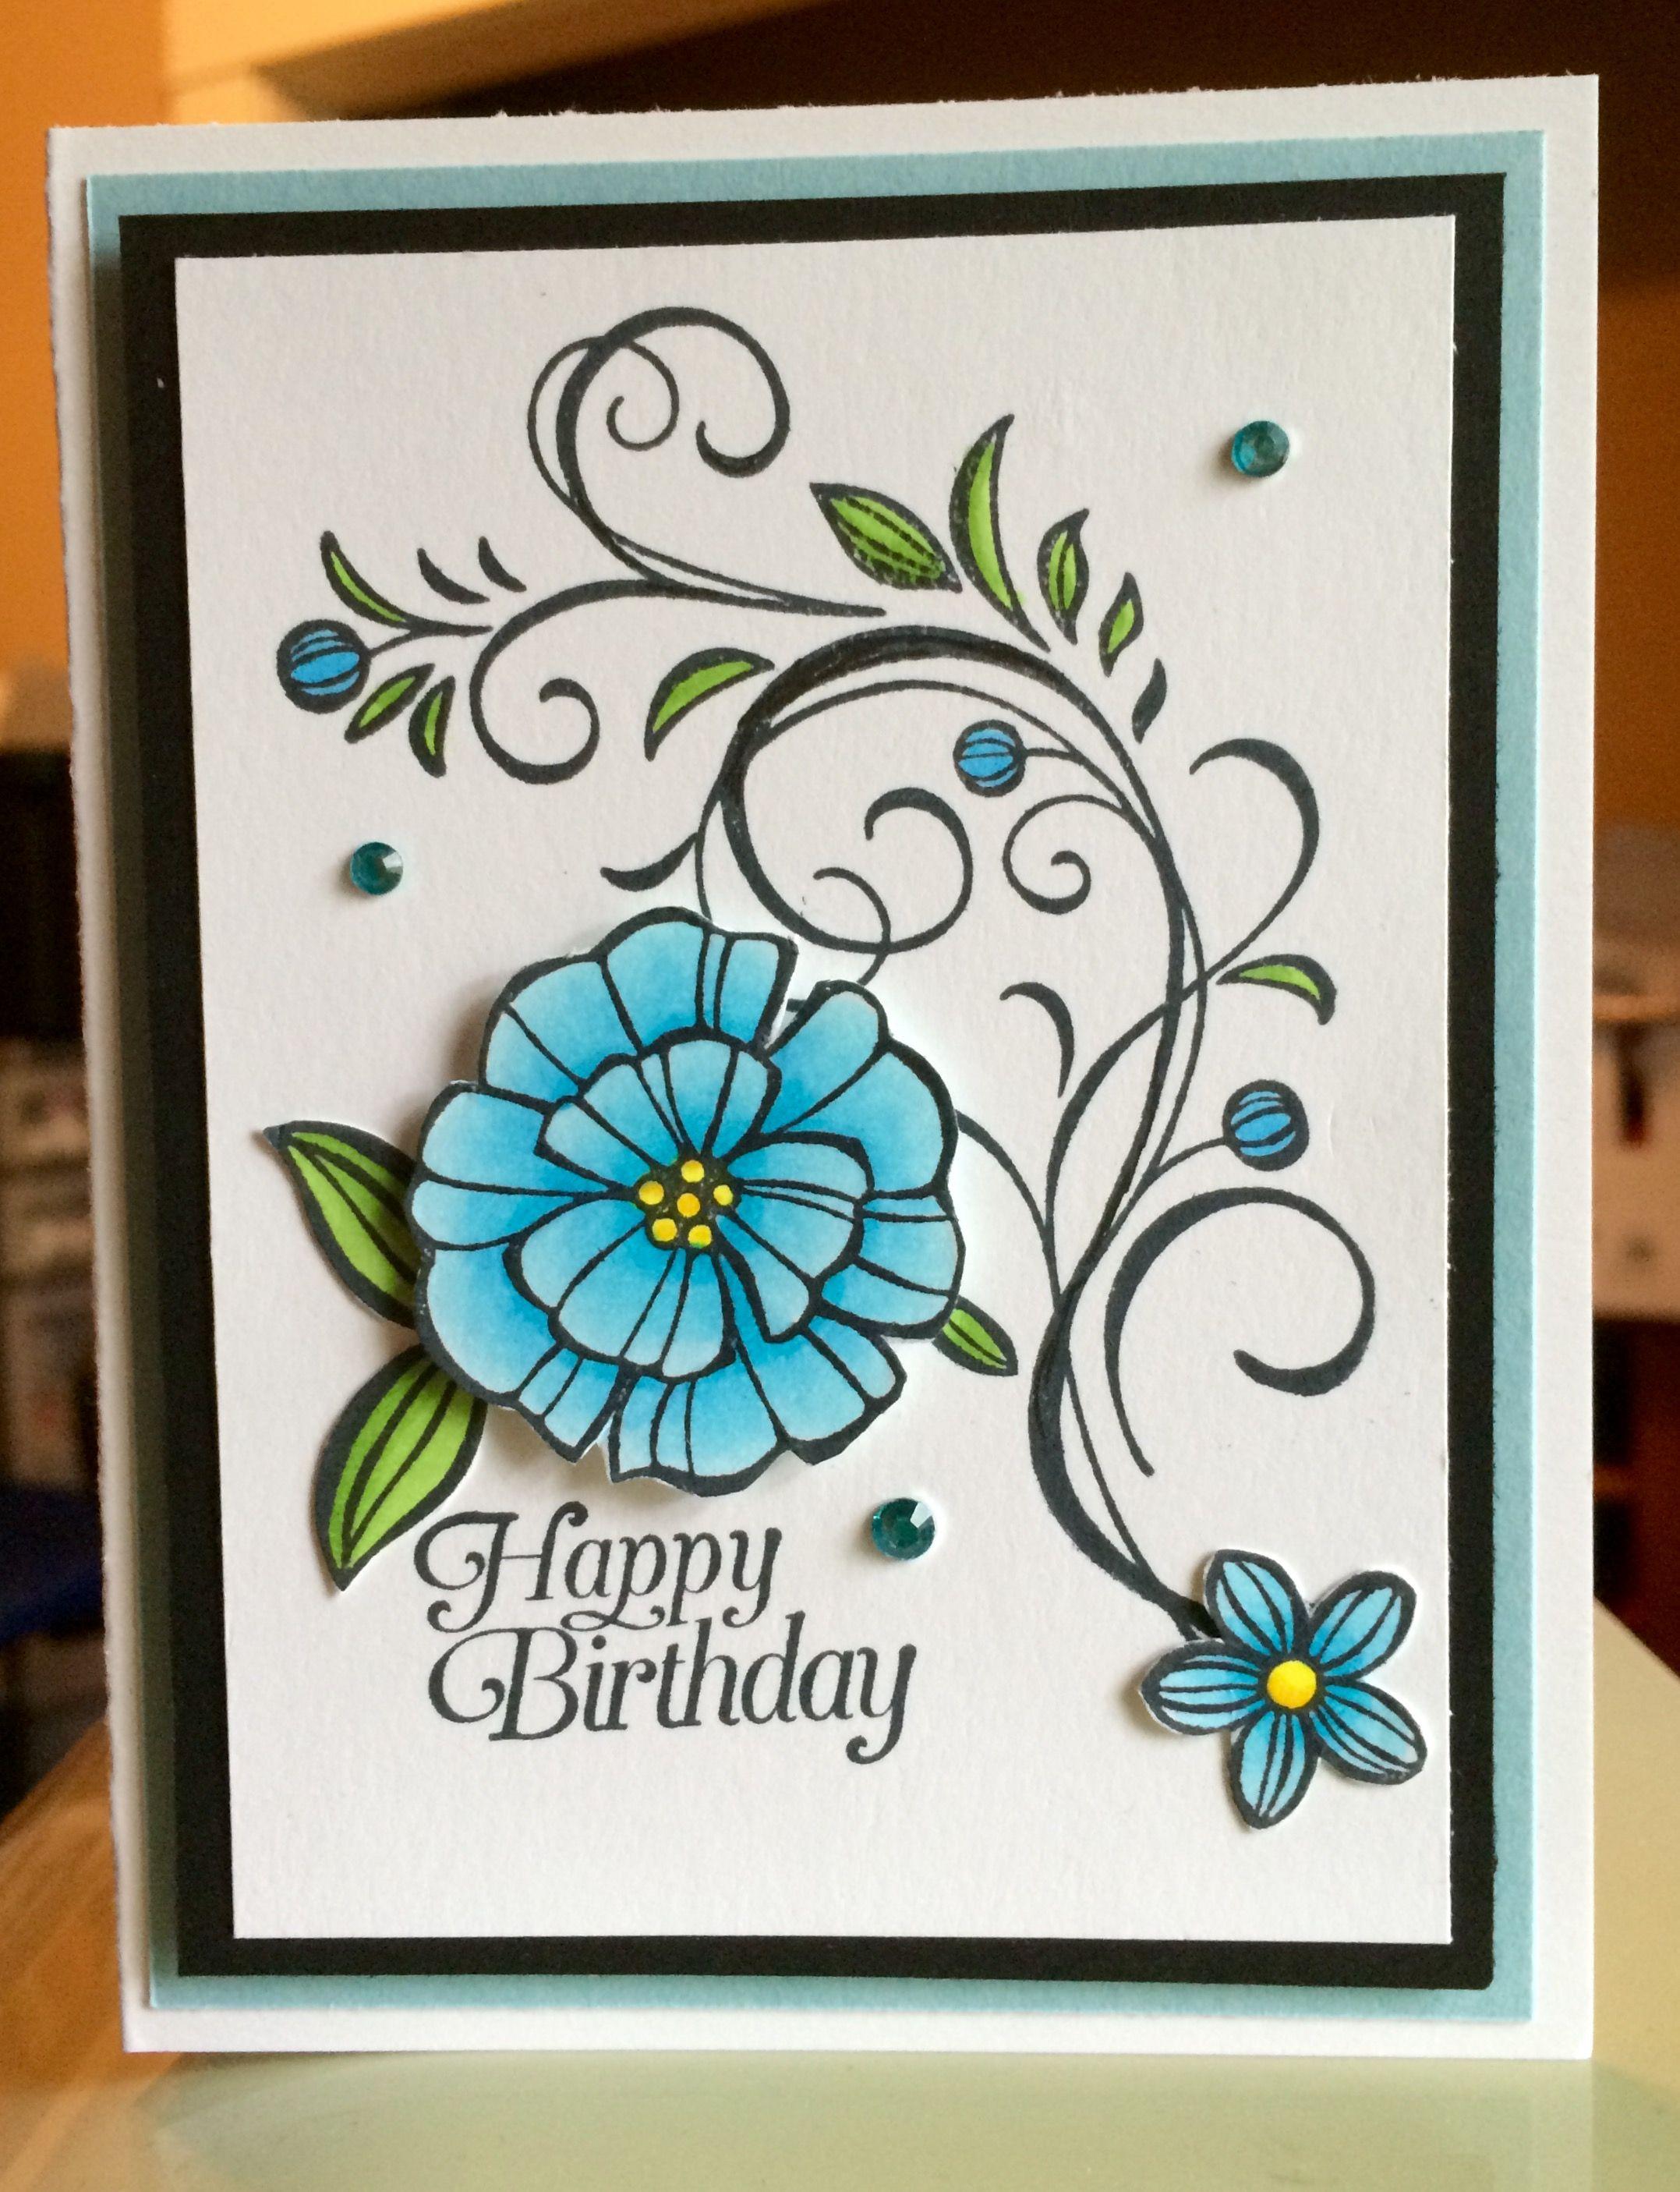 синие цветы для открытки своими руками белого